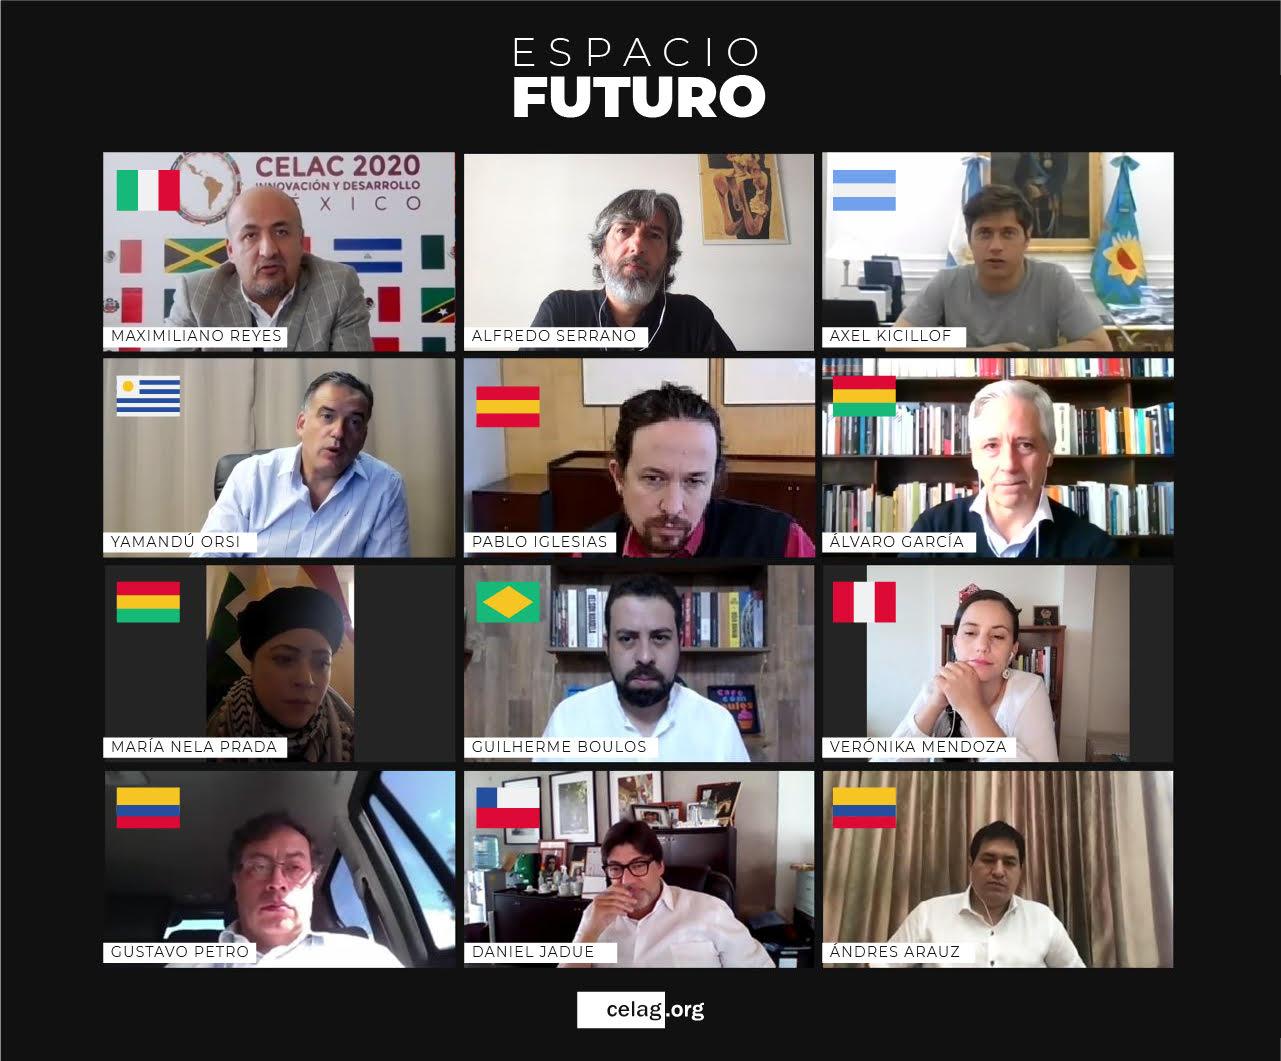 Espacio FUTURO analizó las consecuencias de la pandemia, el lawfare y las elecciones en América Latina